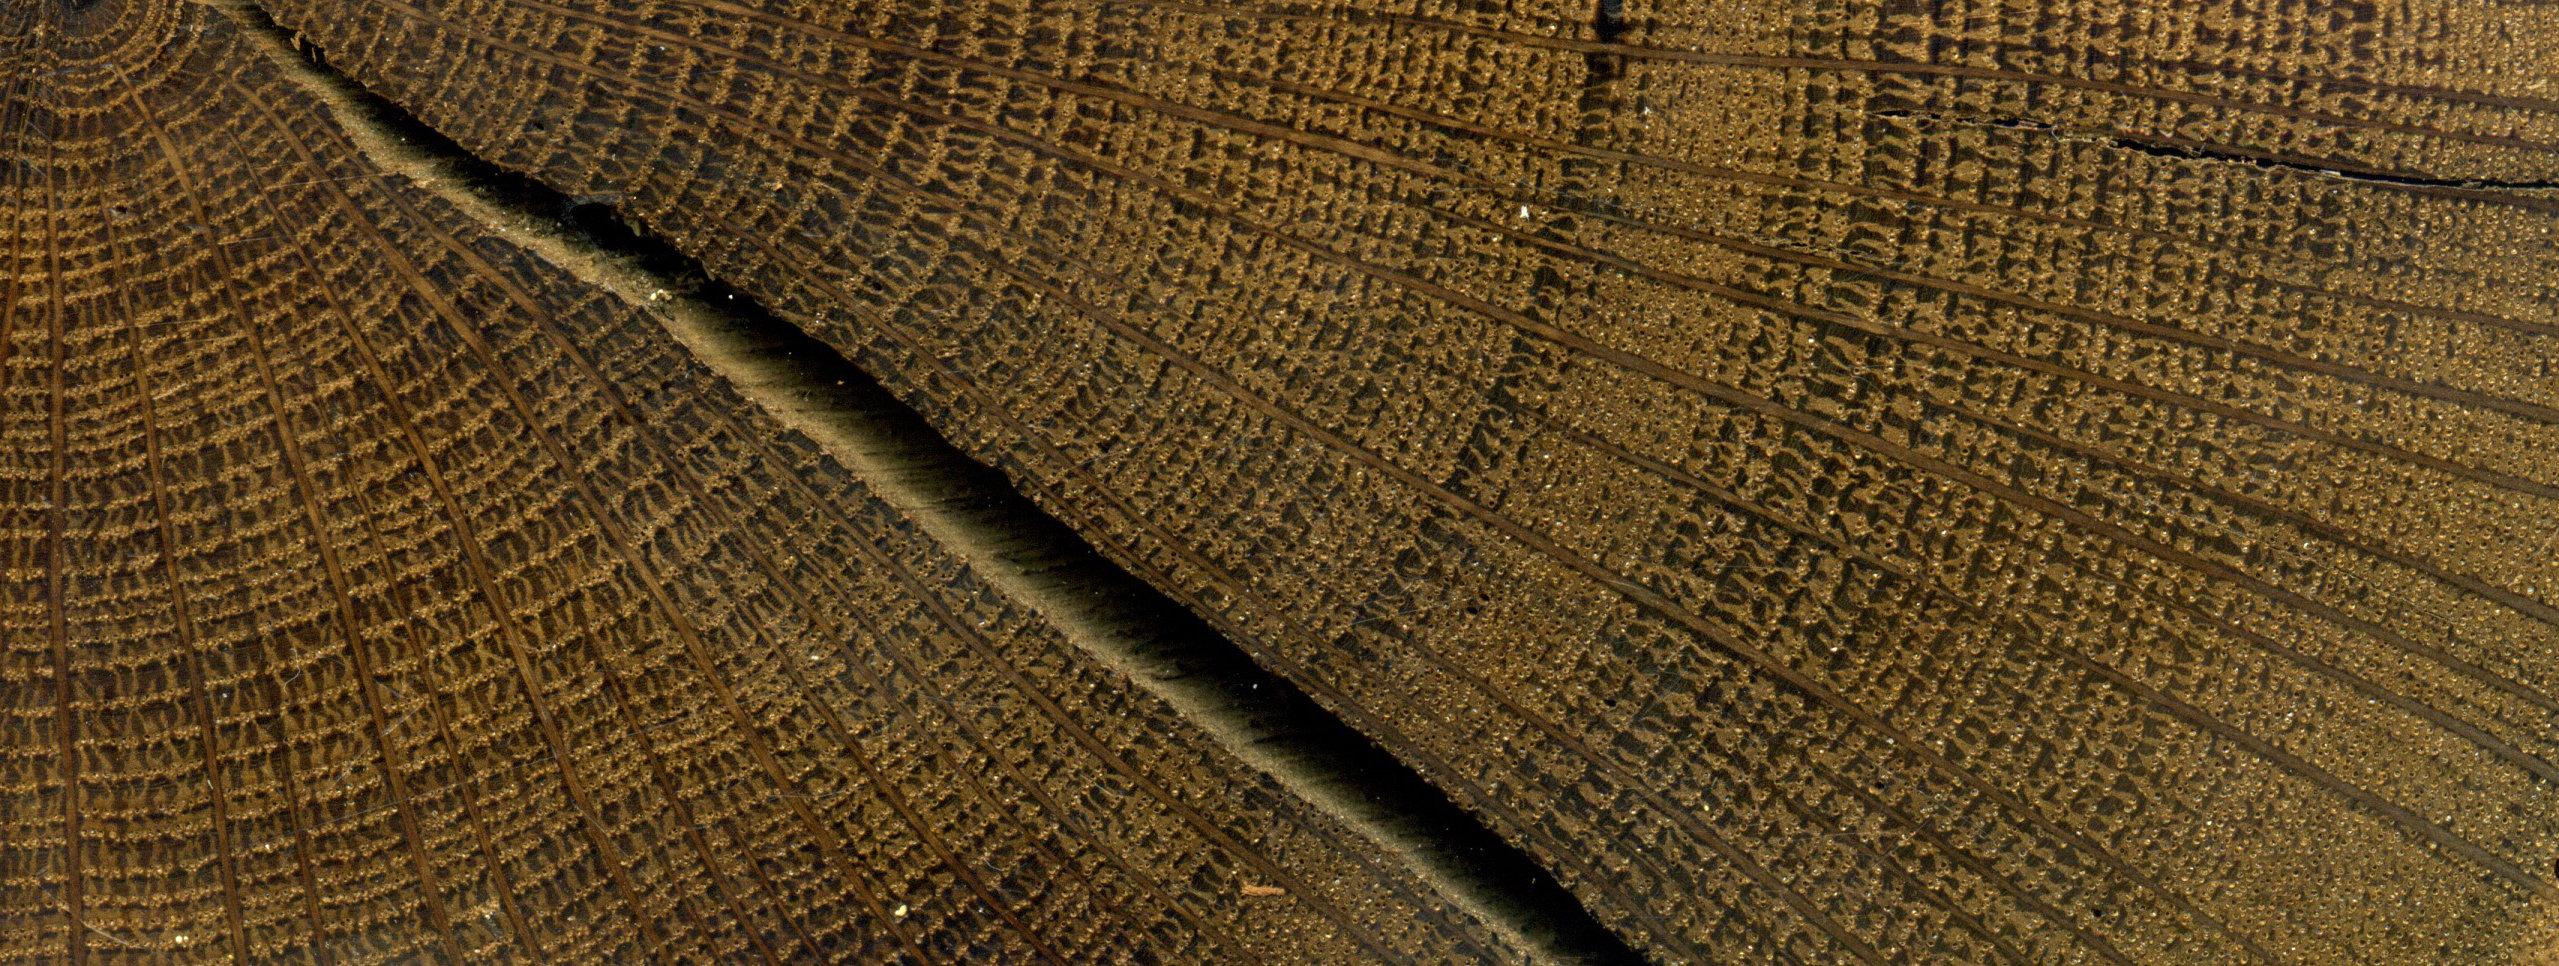 上图:亚利桑那大学研究团队测定米诺斯火山爆发时间所使用的爱尔兰橡树年轮。米诺斯锡拉岛火山爆发(The Minoan eruption of Thera),又叫做圣托里尼火山爆发,是地球上最严重的火山爆发之一。米诺斯火山爆发的时间根据放射性碳定年是主前1627-1600年,而根据古埃及的记录及挖掘出的陶器定年是主前1570-1500年,在考古界争议很大。如果米诺斯火山爆发能精确定年,就能确定主前第二千年古代埃及、希腊和中东许多历史事件的时间。2018年8月15日,亚利桑那大学的树木年代学家Charlotte Pearson的研究小组宣布,他们分析了主前1700-1500年285棵来自不同地方的树木年轮样本,发现现有的放射性碳校准曲线在这一时期并不完全正确,根据修正后的校准曲线,他们测定米诺斯火山的爆发时间是主前1600-1525年,与考古定年吻合。按照这一结果,耶利哥谷物的放射性碳定年也将被推迟100年,与约书亚进迦南的年代一致。